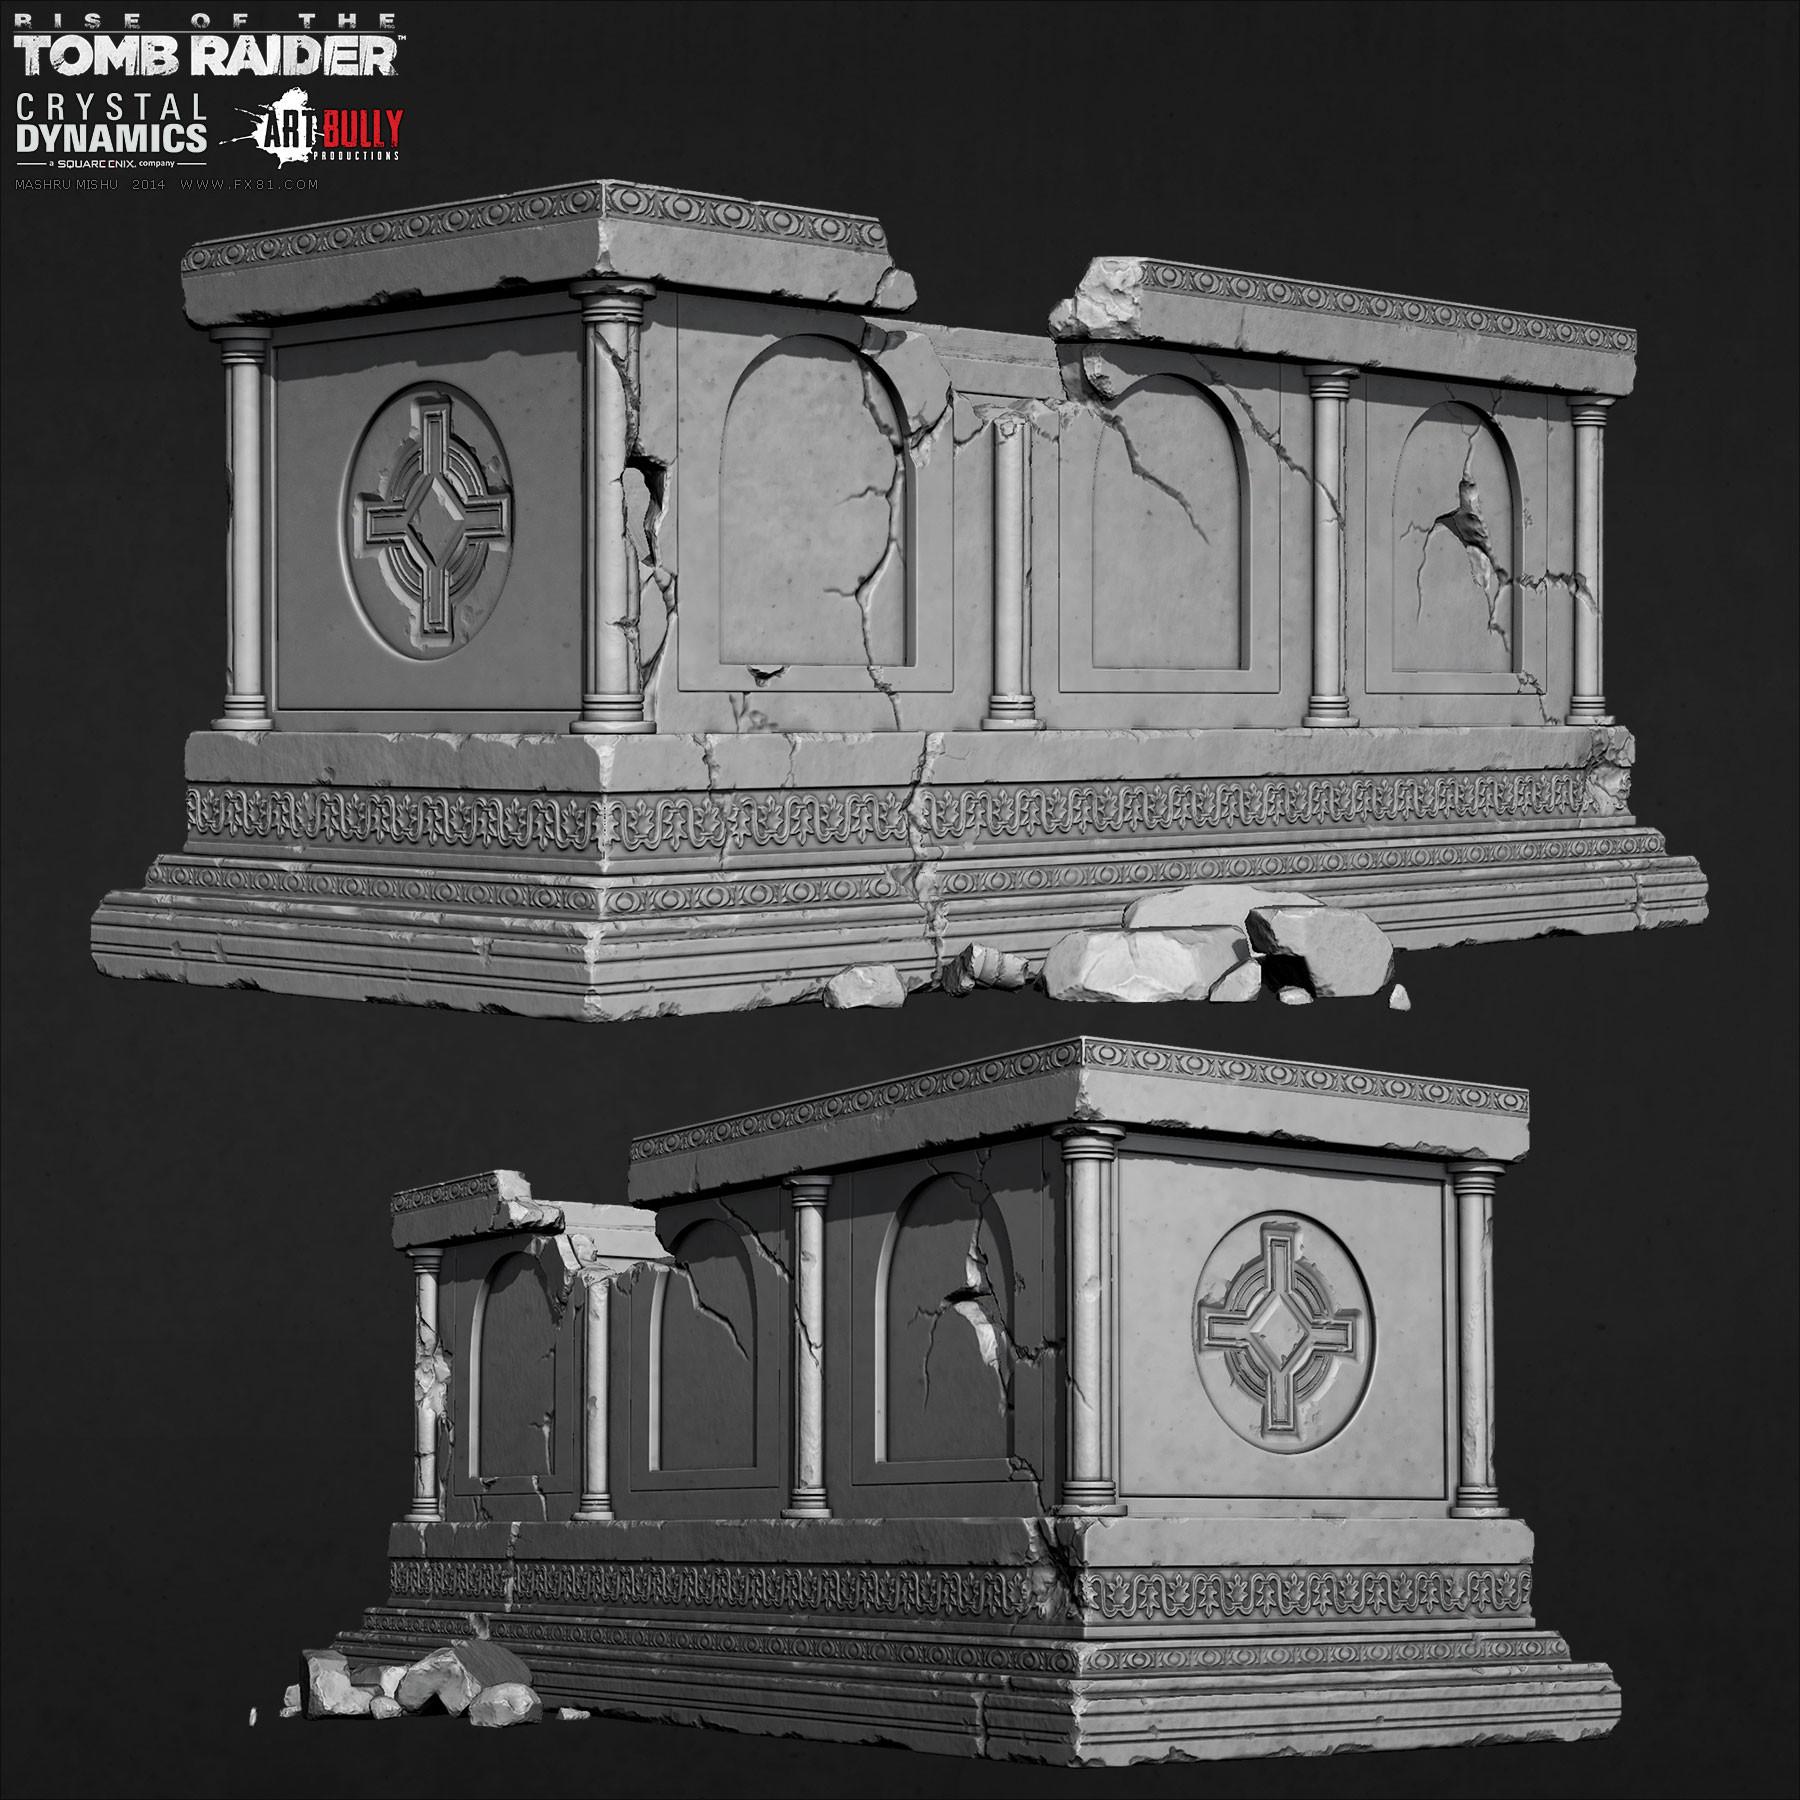 Mashru mishu rottr sarcophagus 03